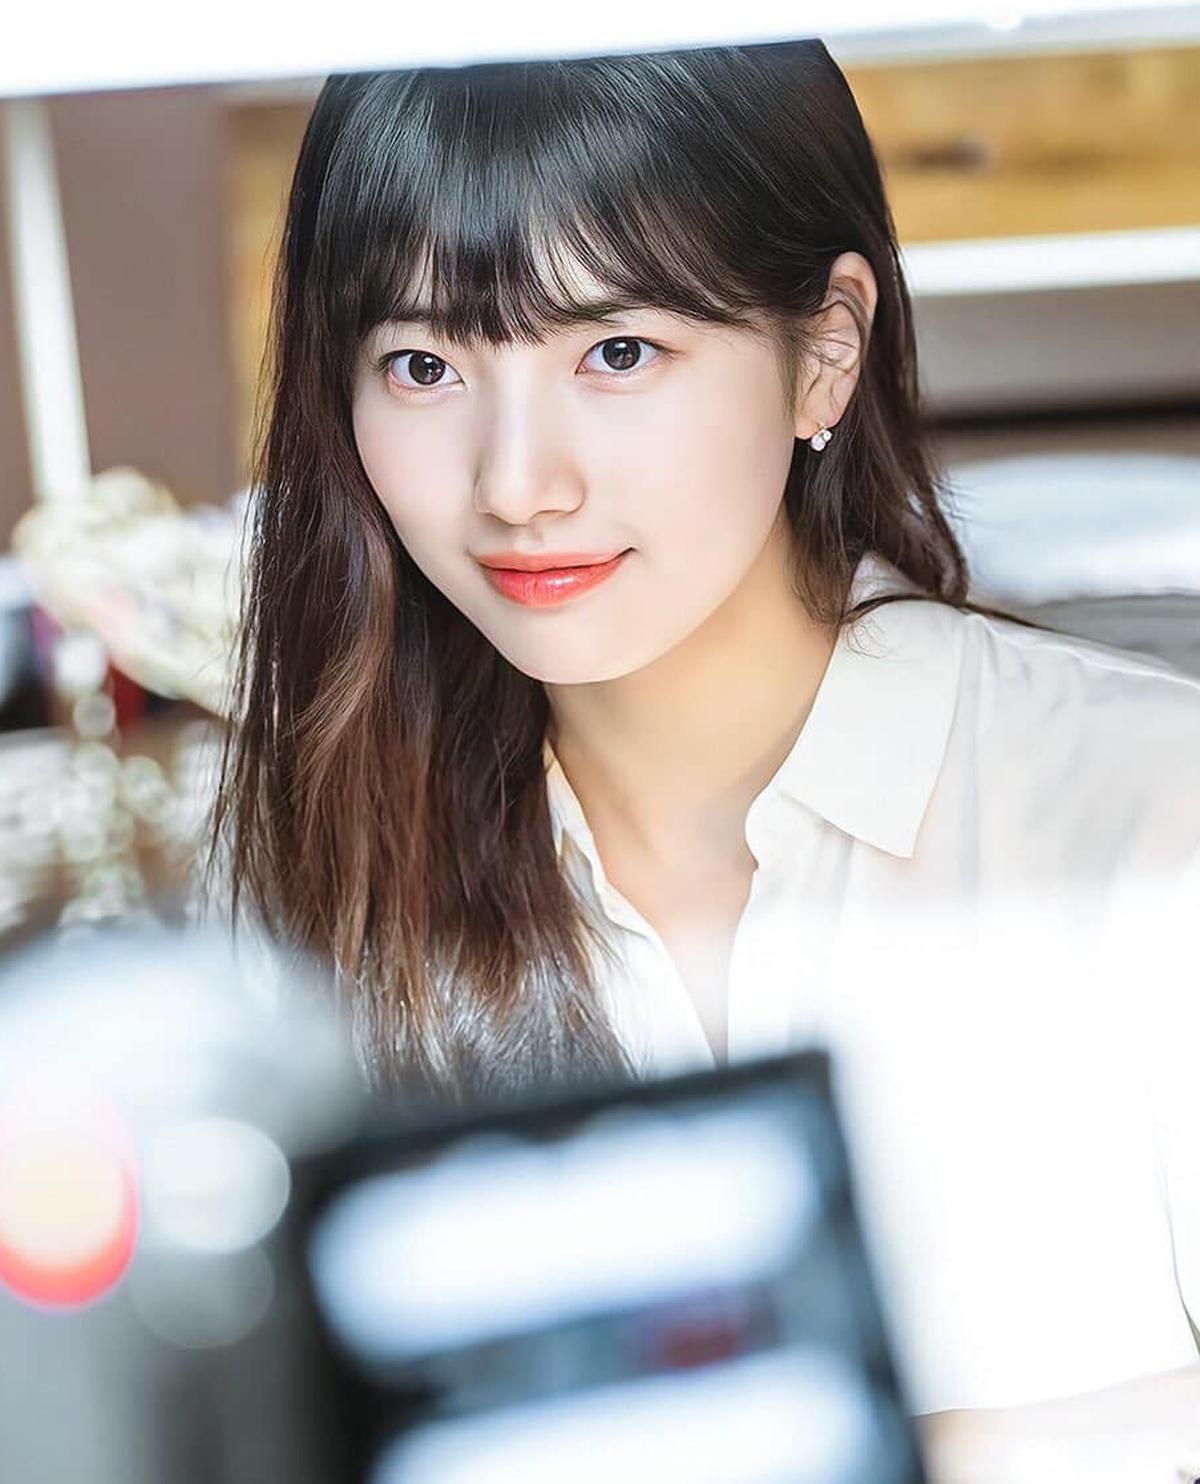 Trong hầu hết các phân cảnh của phim, Suzy đều trang điểm theo phong cách trong veo. Để làm nổi bật làn da trắng hồng, cô thường nhấn vào đôi môi màu sắc. Tô son bóng là cách hiệu quả giúp diện mạo càng thêm tươi trẻ.